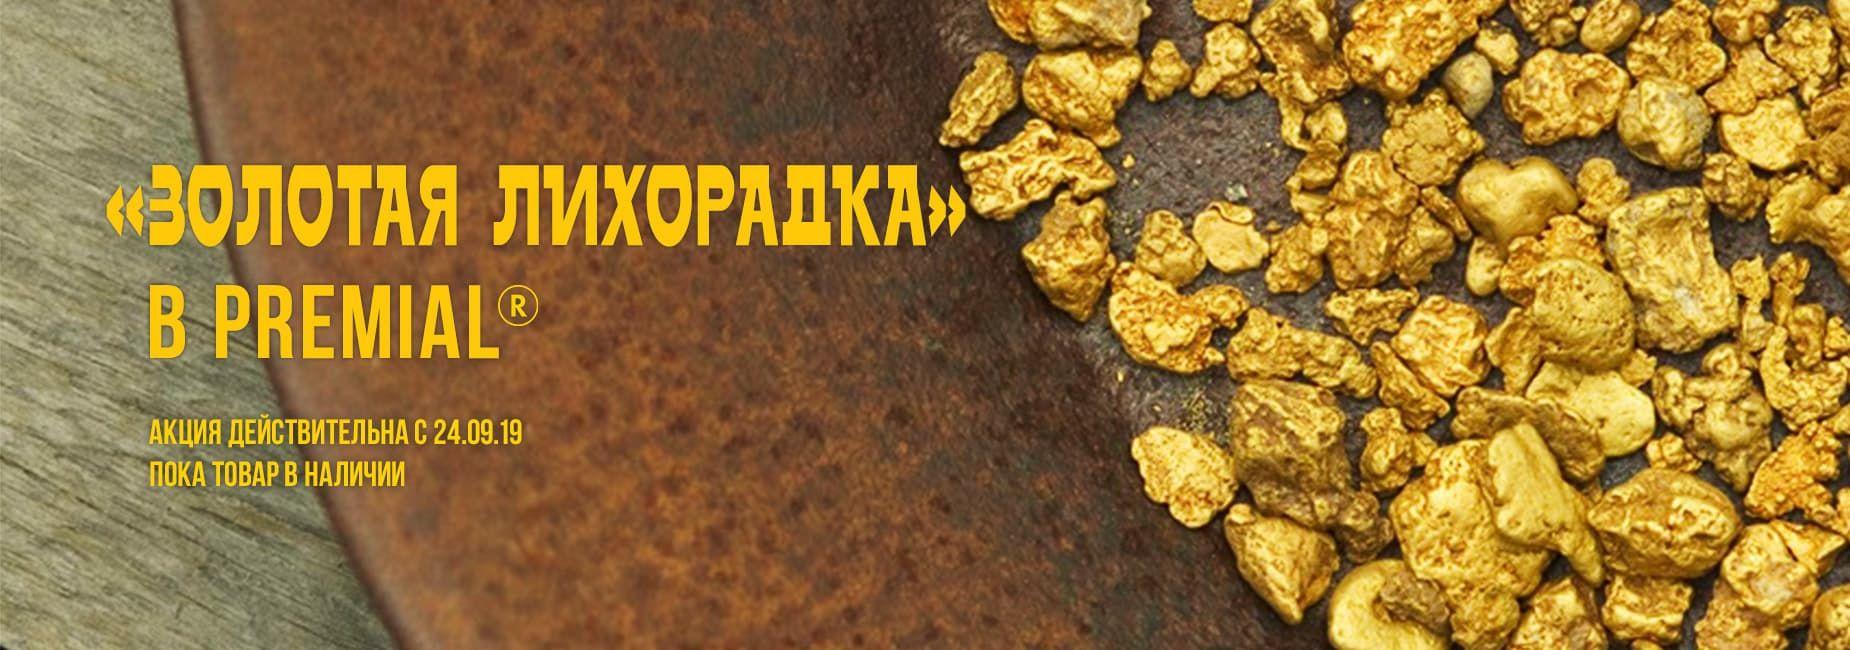 Золотая лихорадка с Premial®!